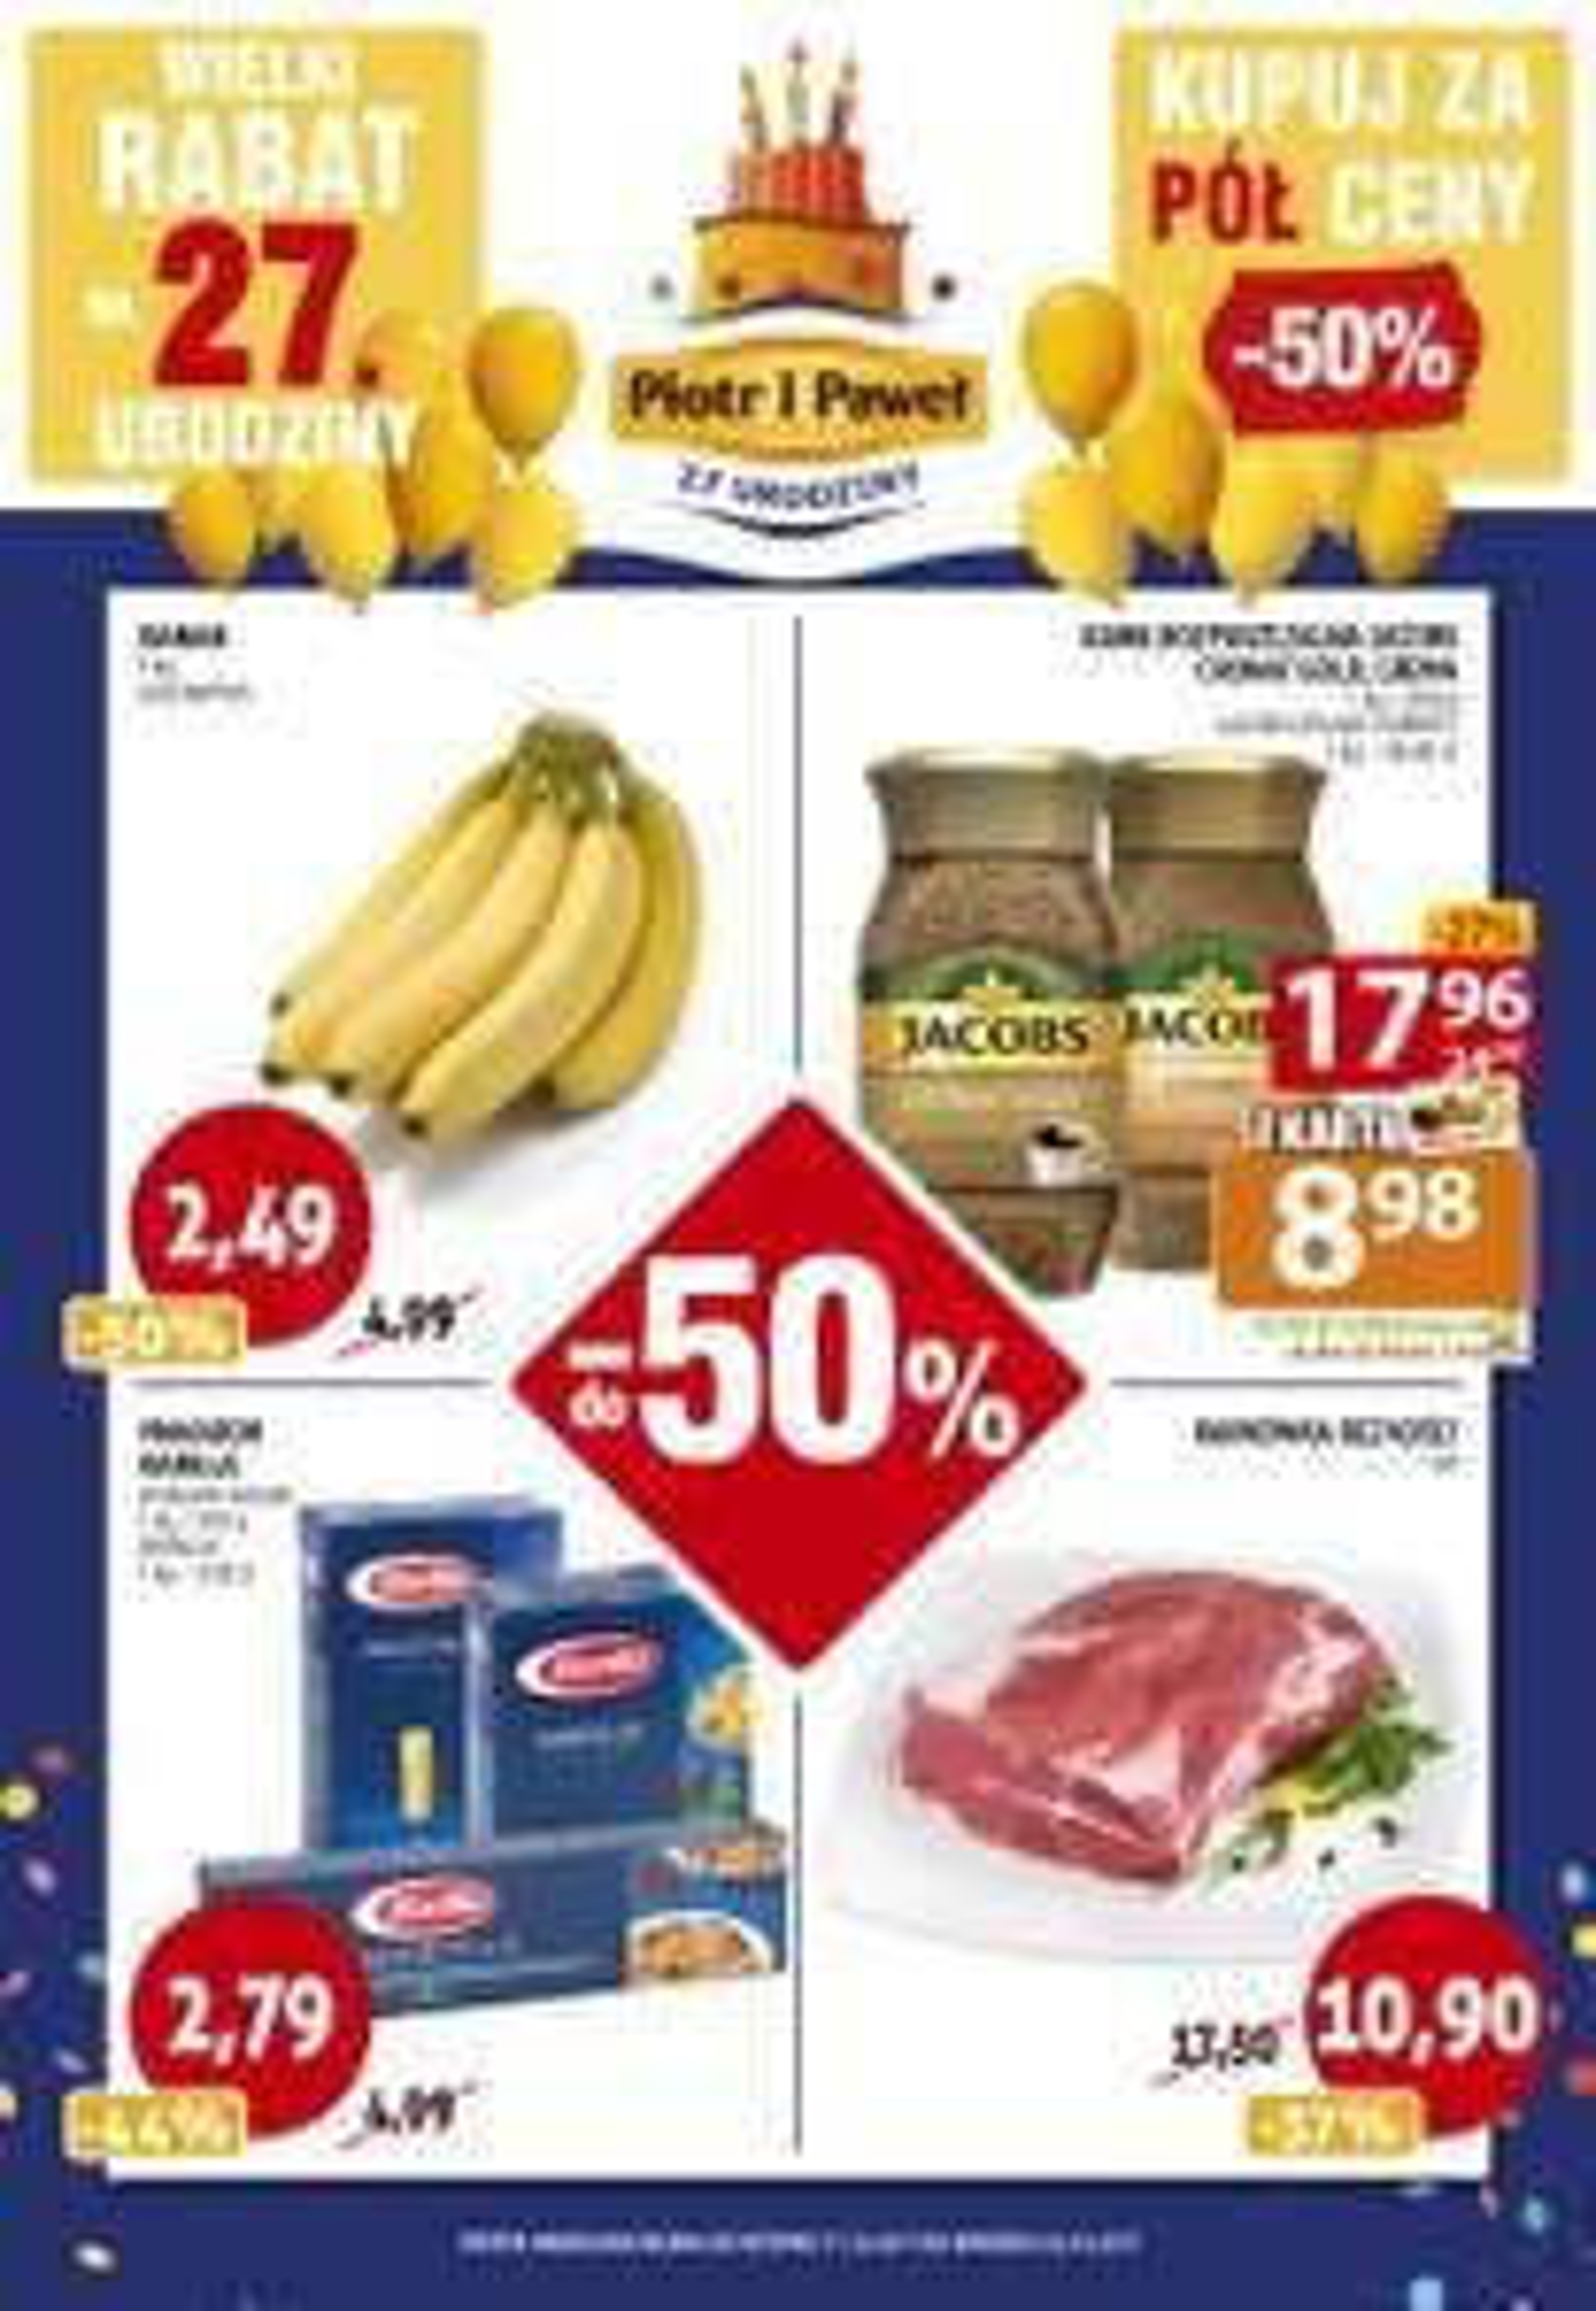 Urodziny Piotr i Paweł - 50 % !  banany  za 2,49 zł  !   makaron barilla 2,79 zł !